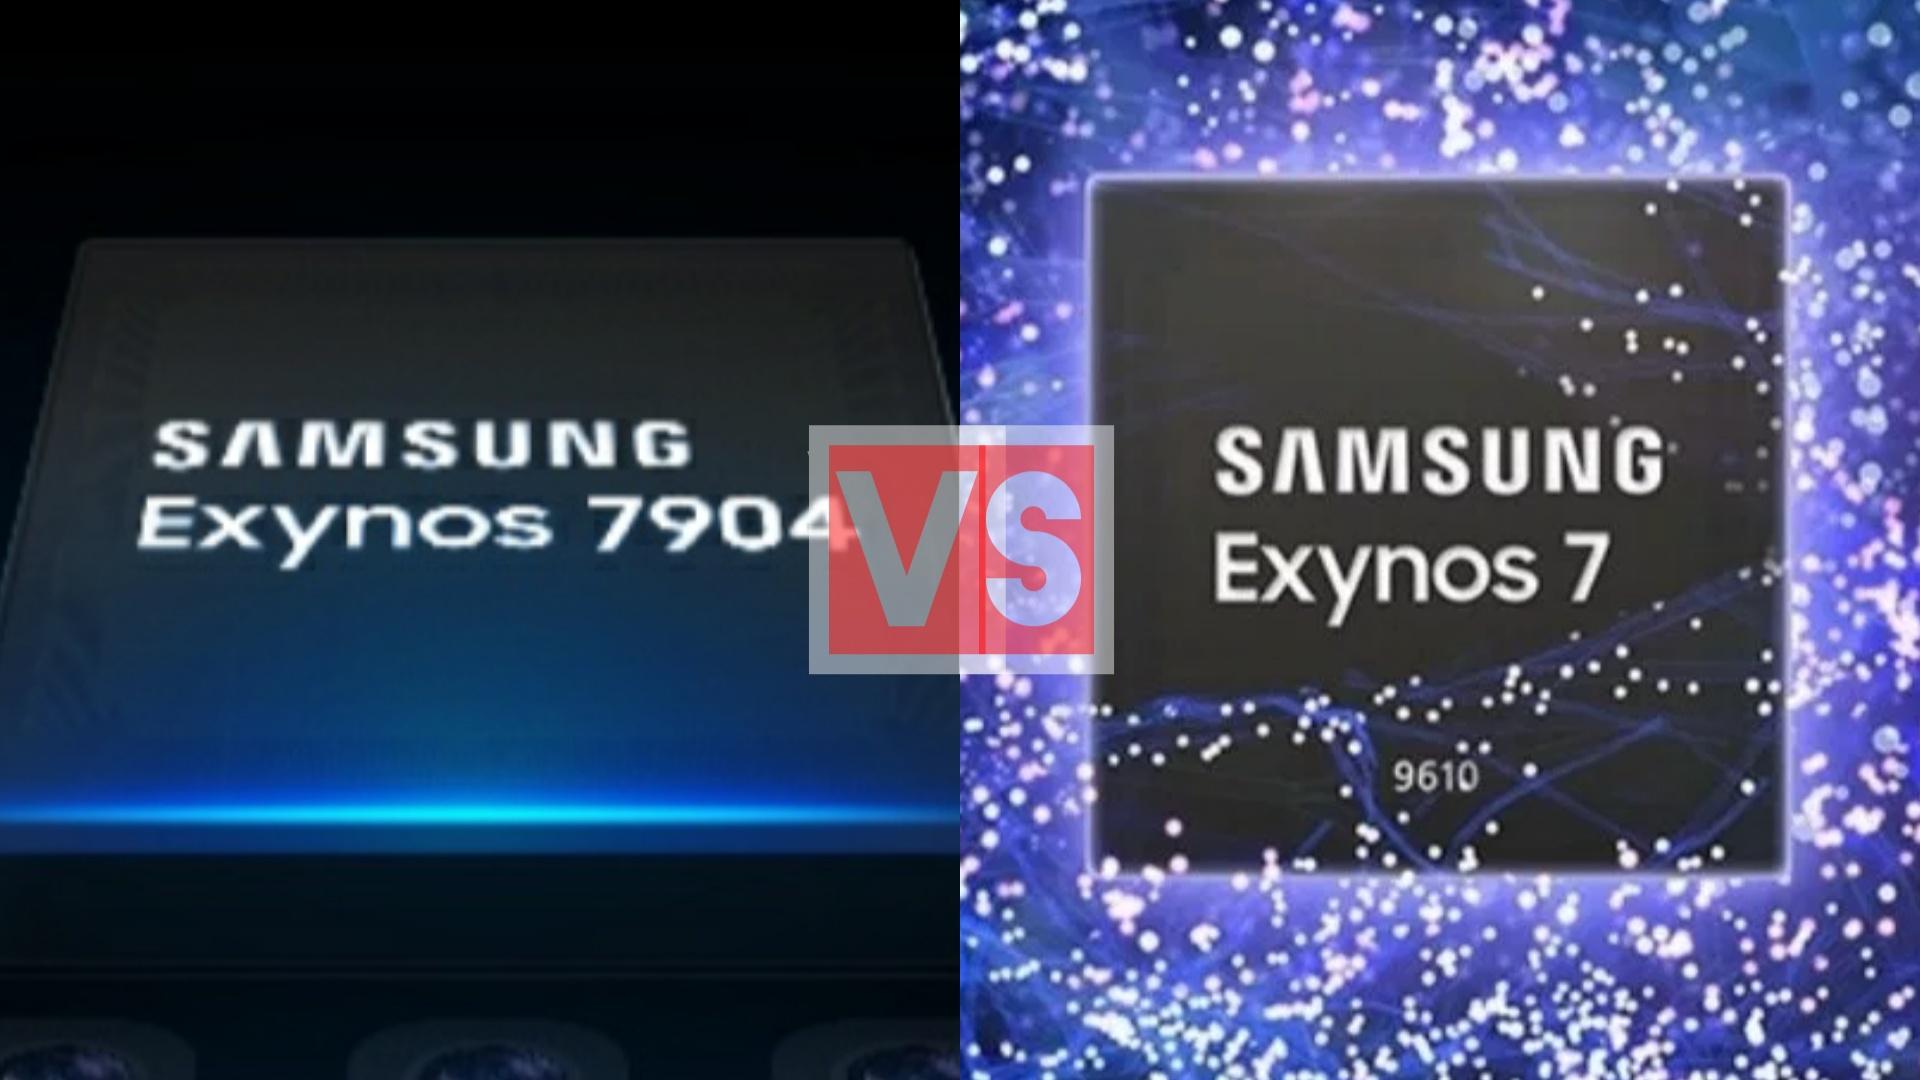 Samsung Exynos 7904 Vs 9610